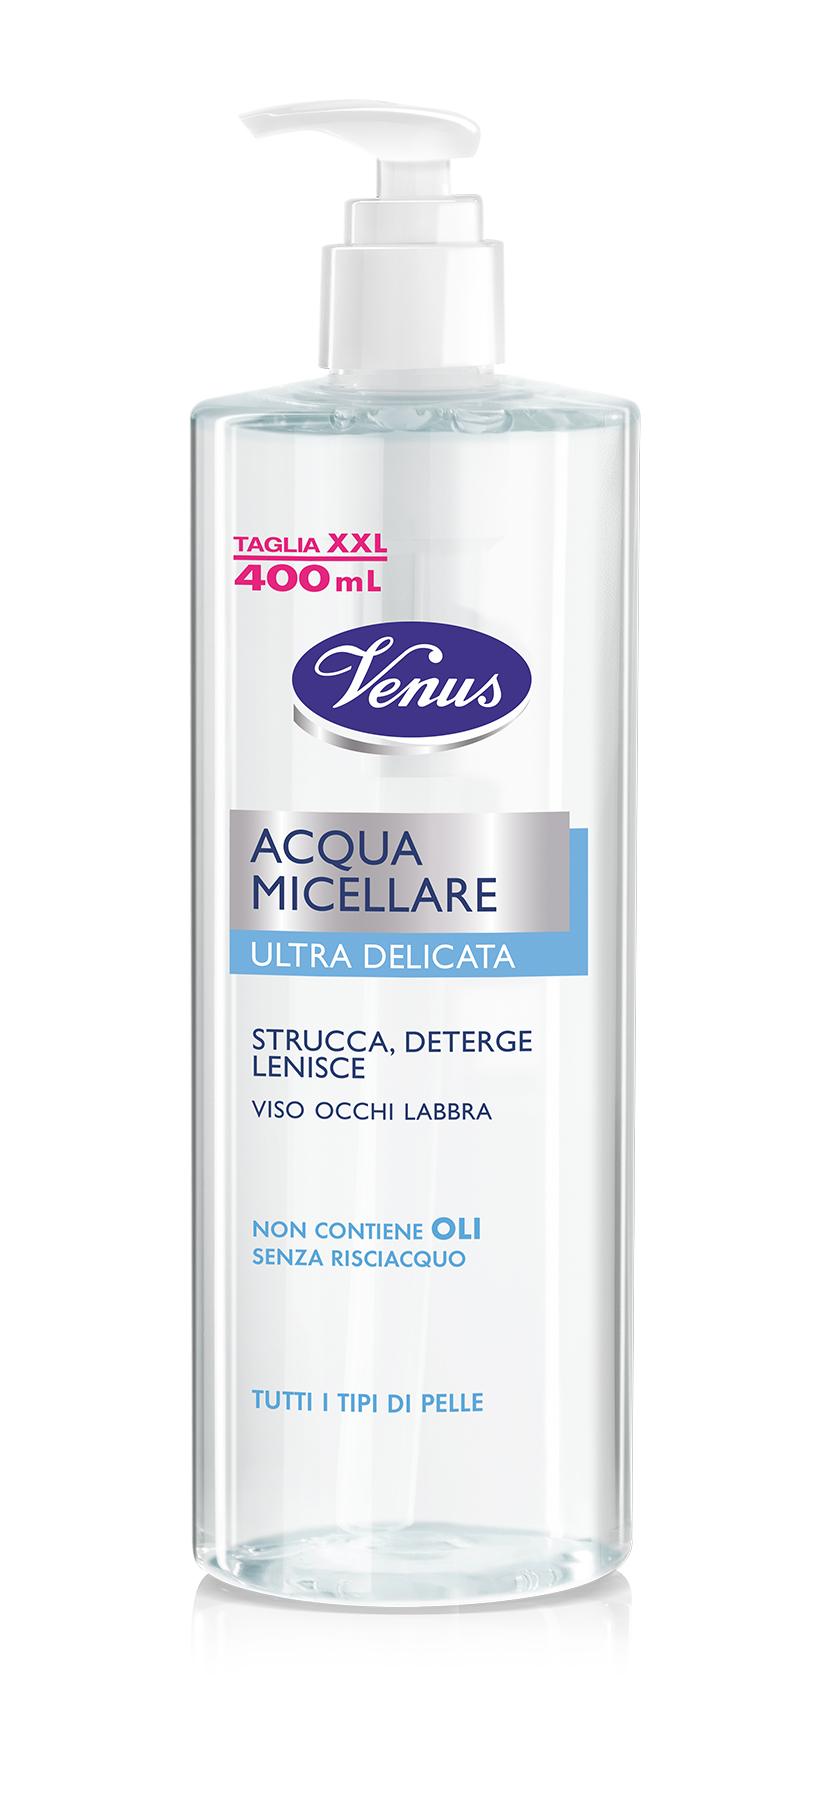 Venus Acqua Micellare jemná čisticí a odličovací micelární voda, 400 ml